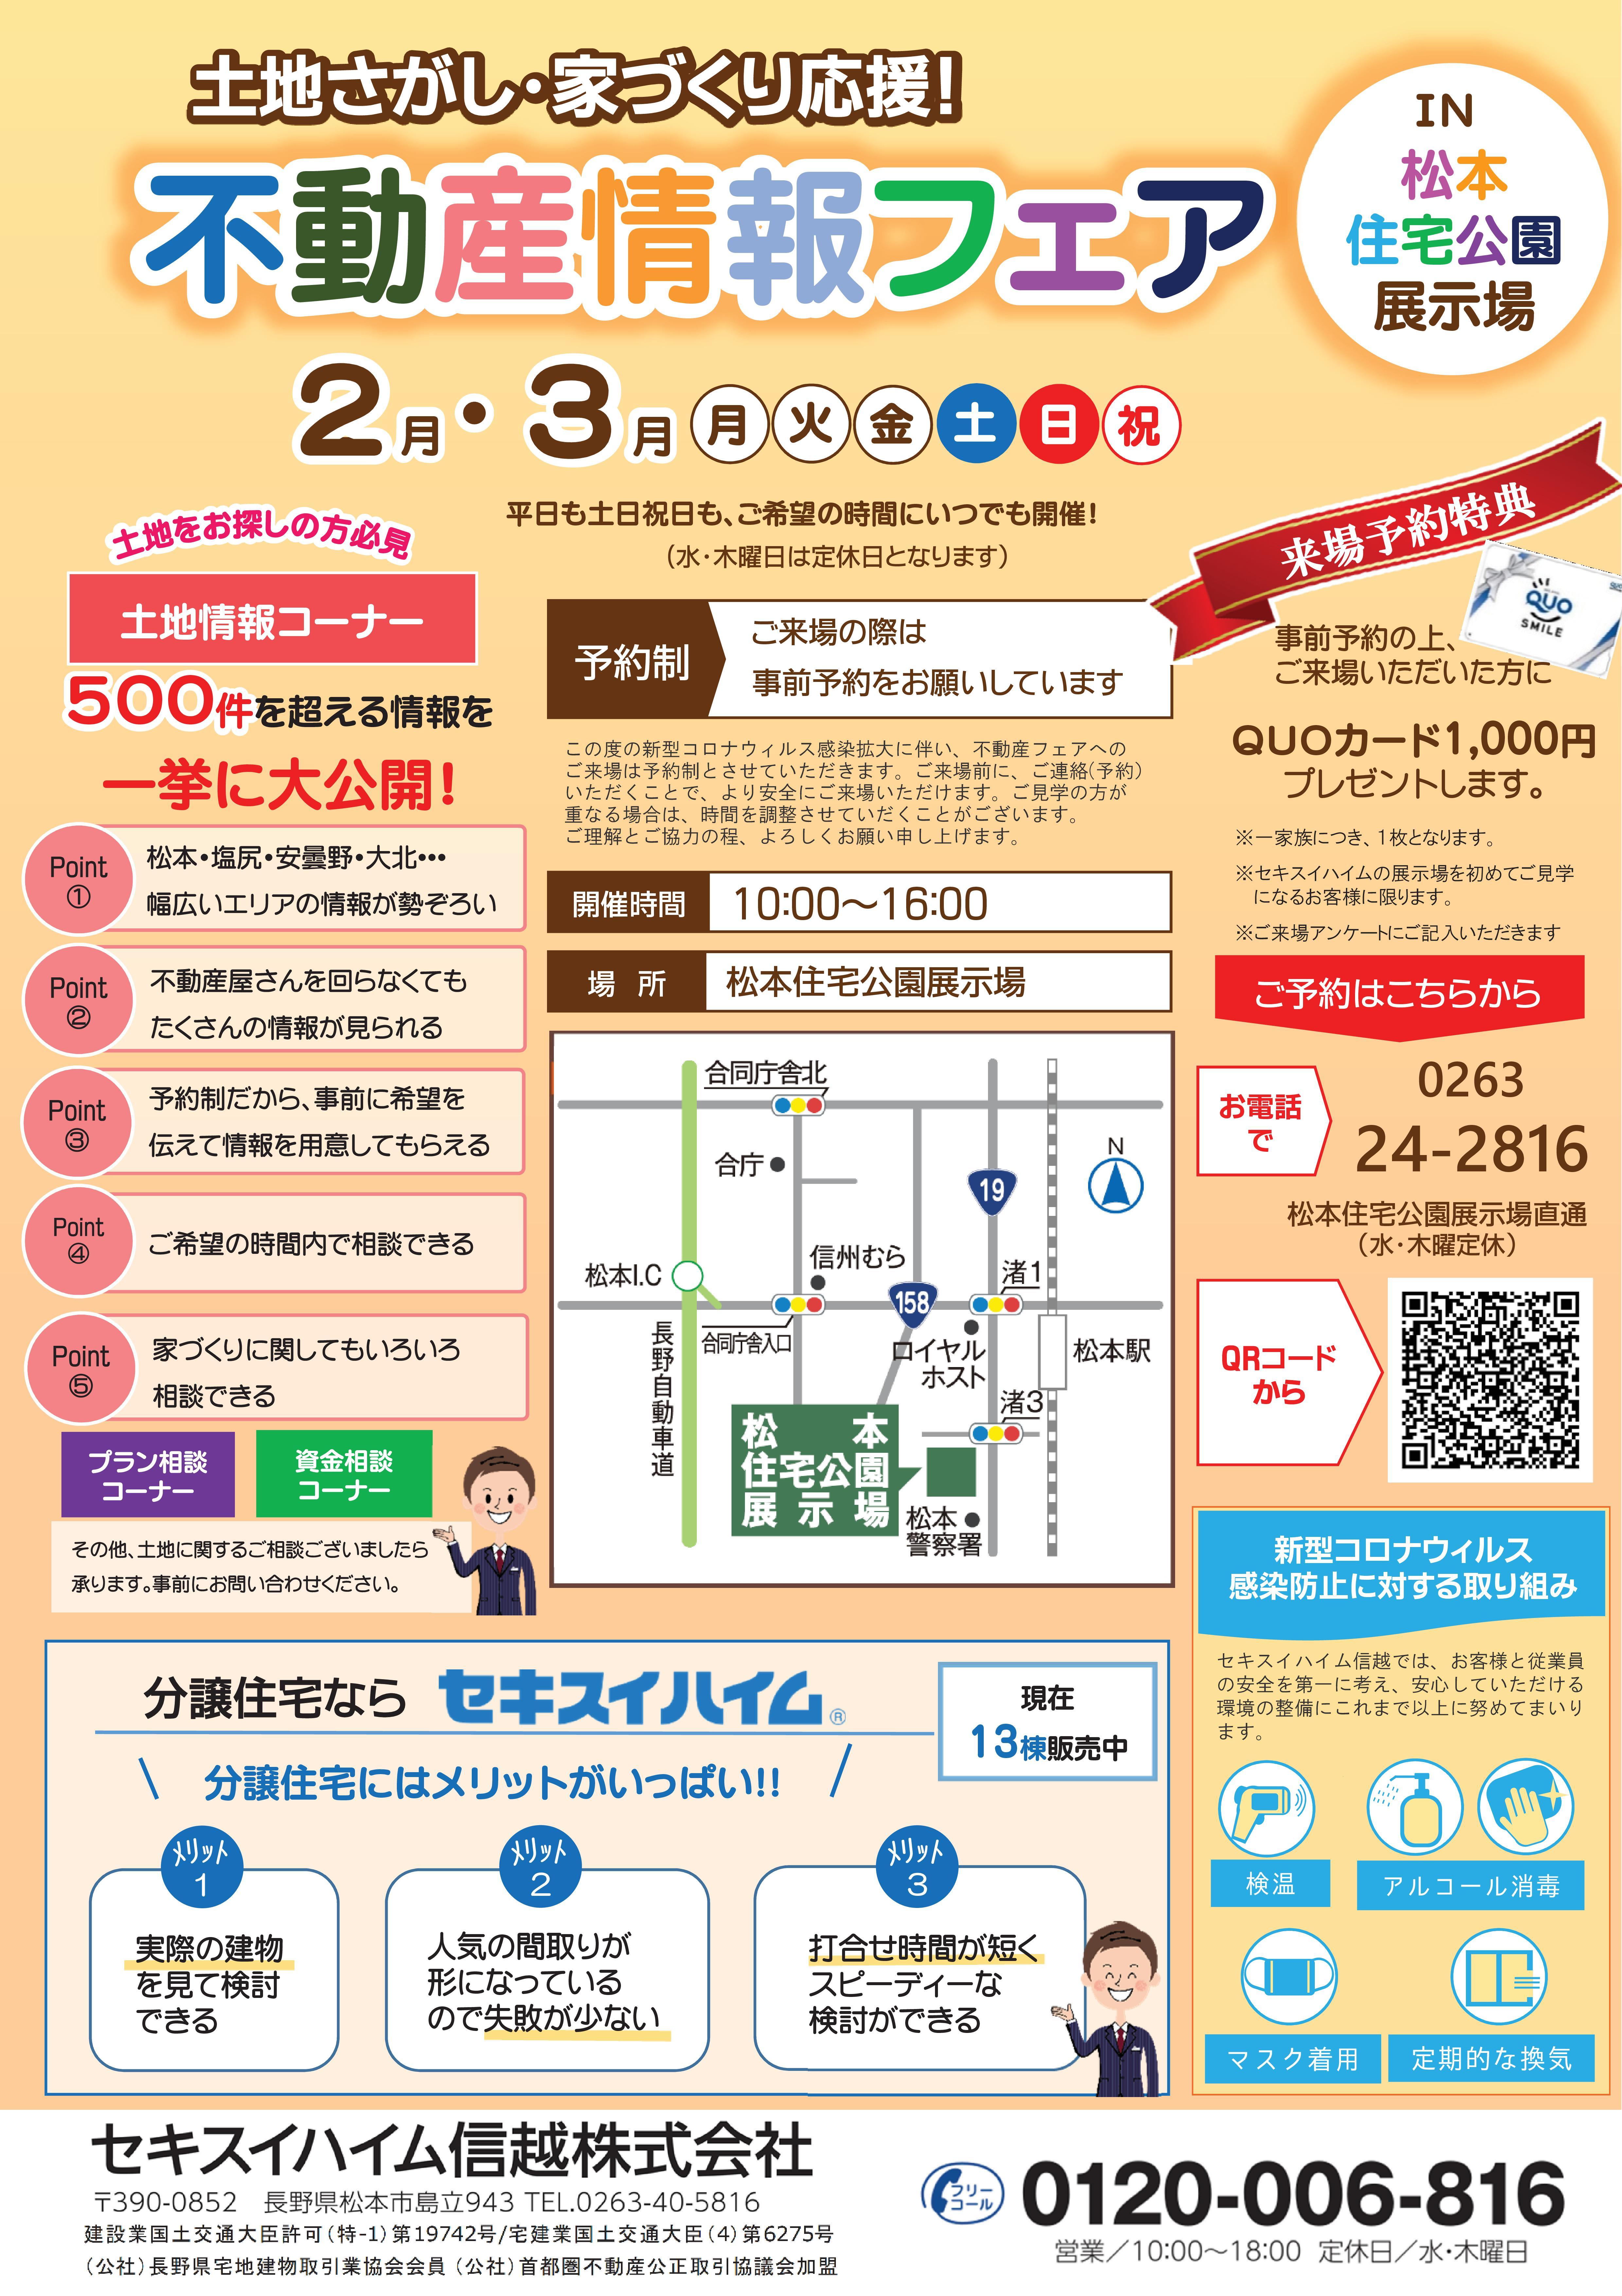 展示場で不動産フェア in 松本住宅公園展示場